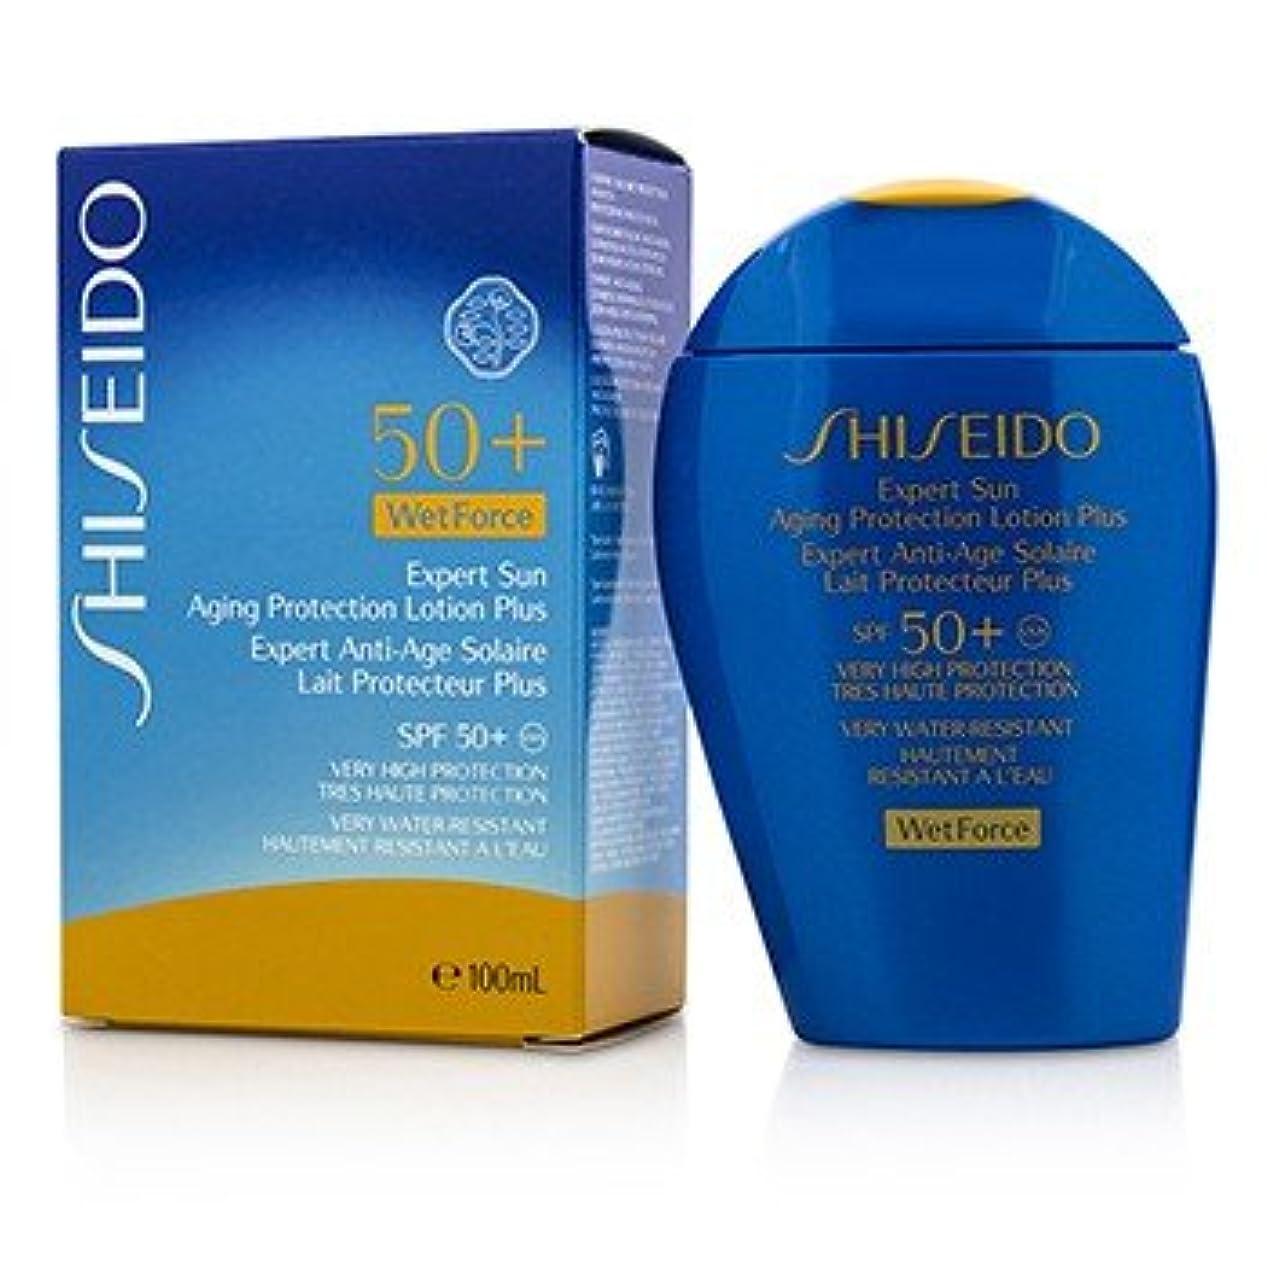 囚人絶滅調和[Shiseido] Expert Sun Aging Protection Lotion Plus WetForce For Face & Body SPF 50+ 100ml/3.4oz